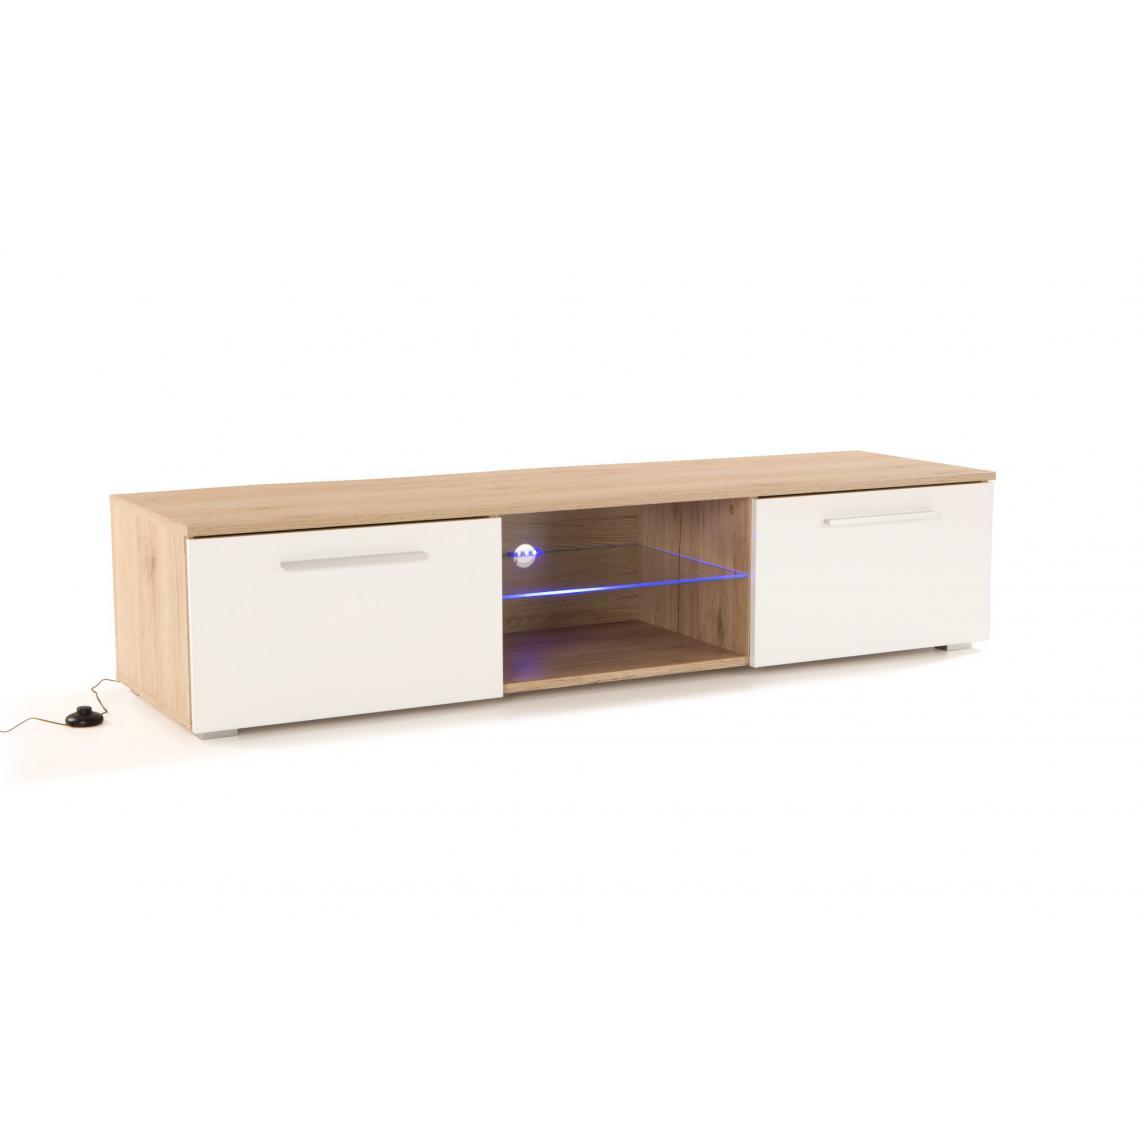 meuble tv led integree chene naturel blanc salto